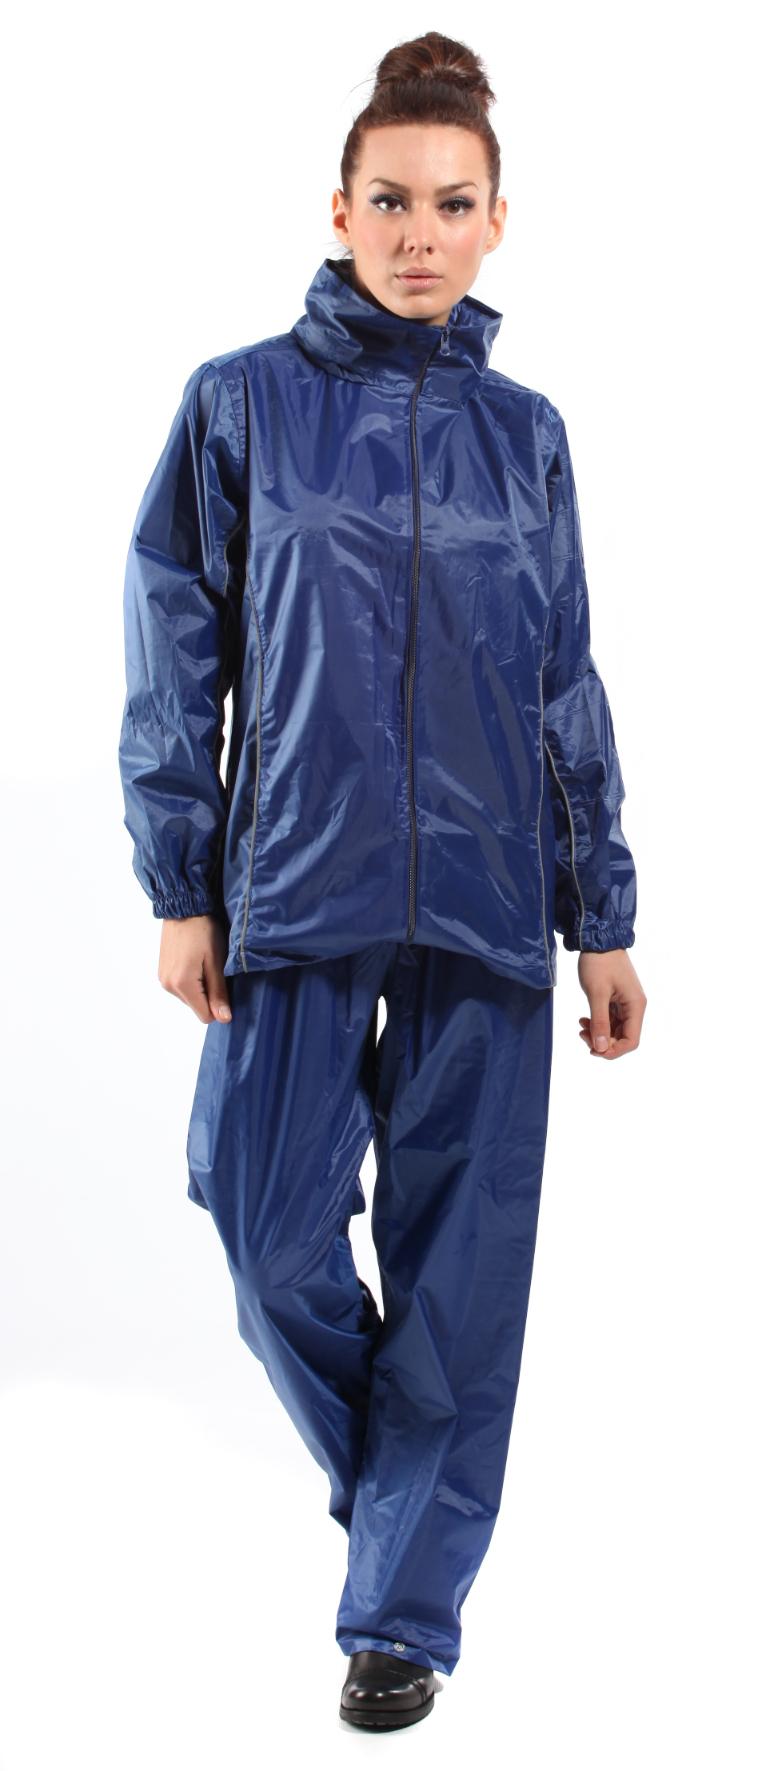 Womens Waterproof Rain Jacket Trousers Ladies Coat Mac Golf Hike Suit Sets EE | EBay